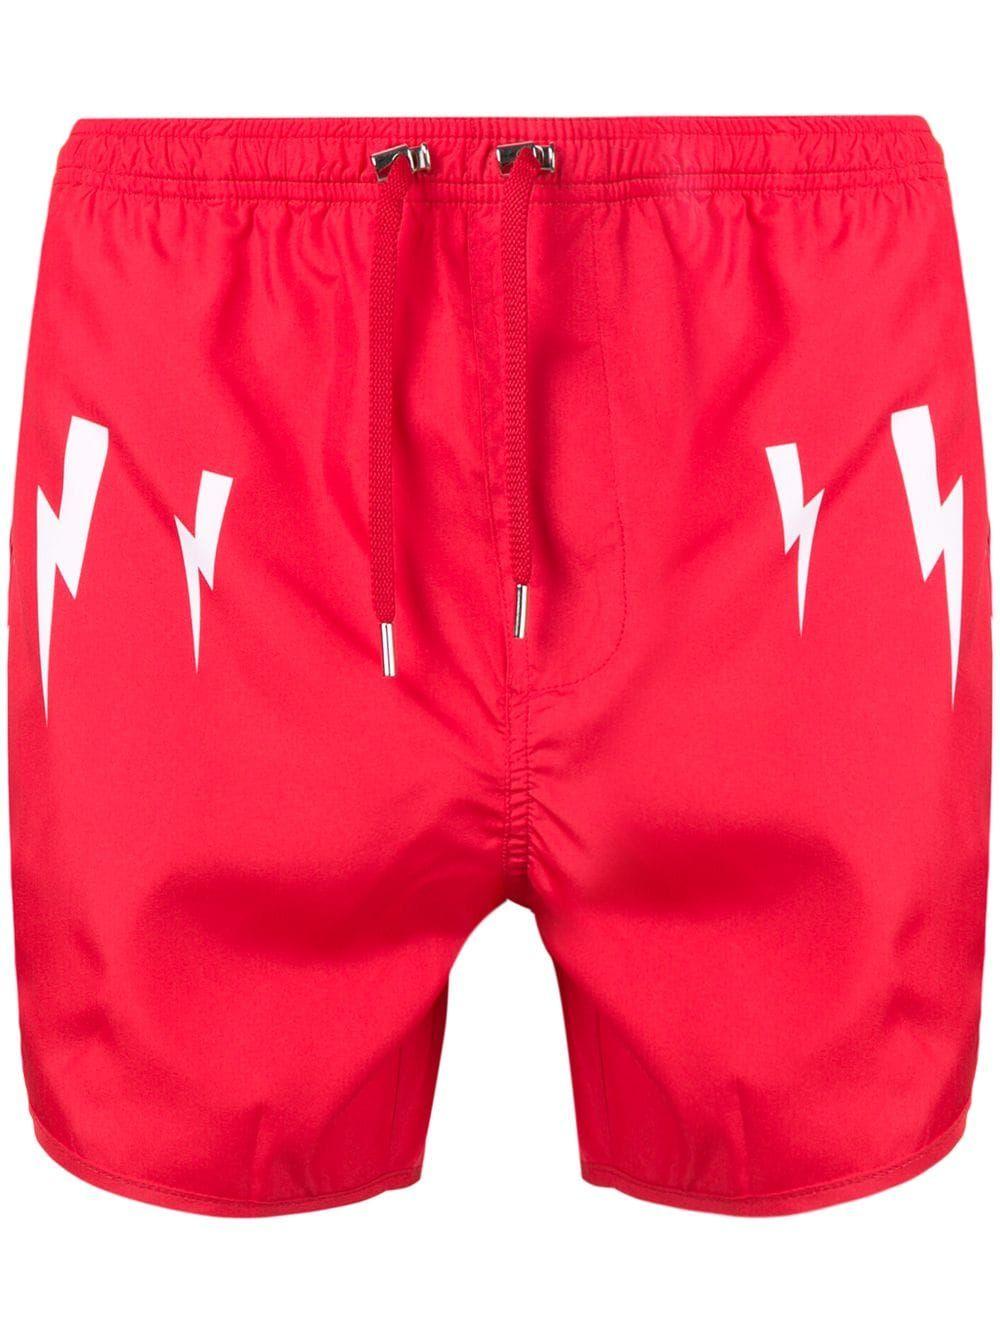 df8b3e8b4c NEIL BARRETT NEIL BARRETT LIGHTNING BOLT PRINT SWIM SHORTS - RED. # neilbarrett #cloth